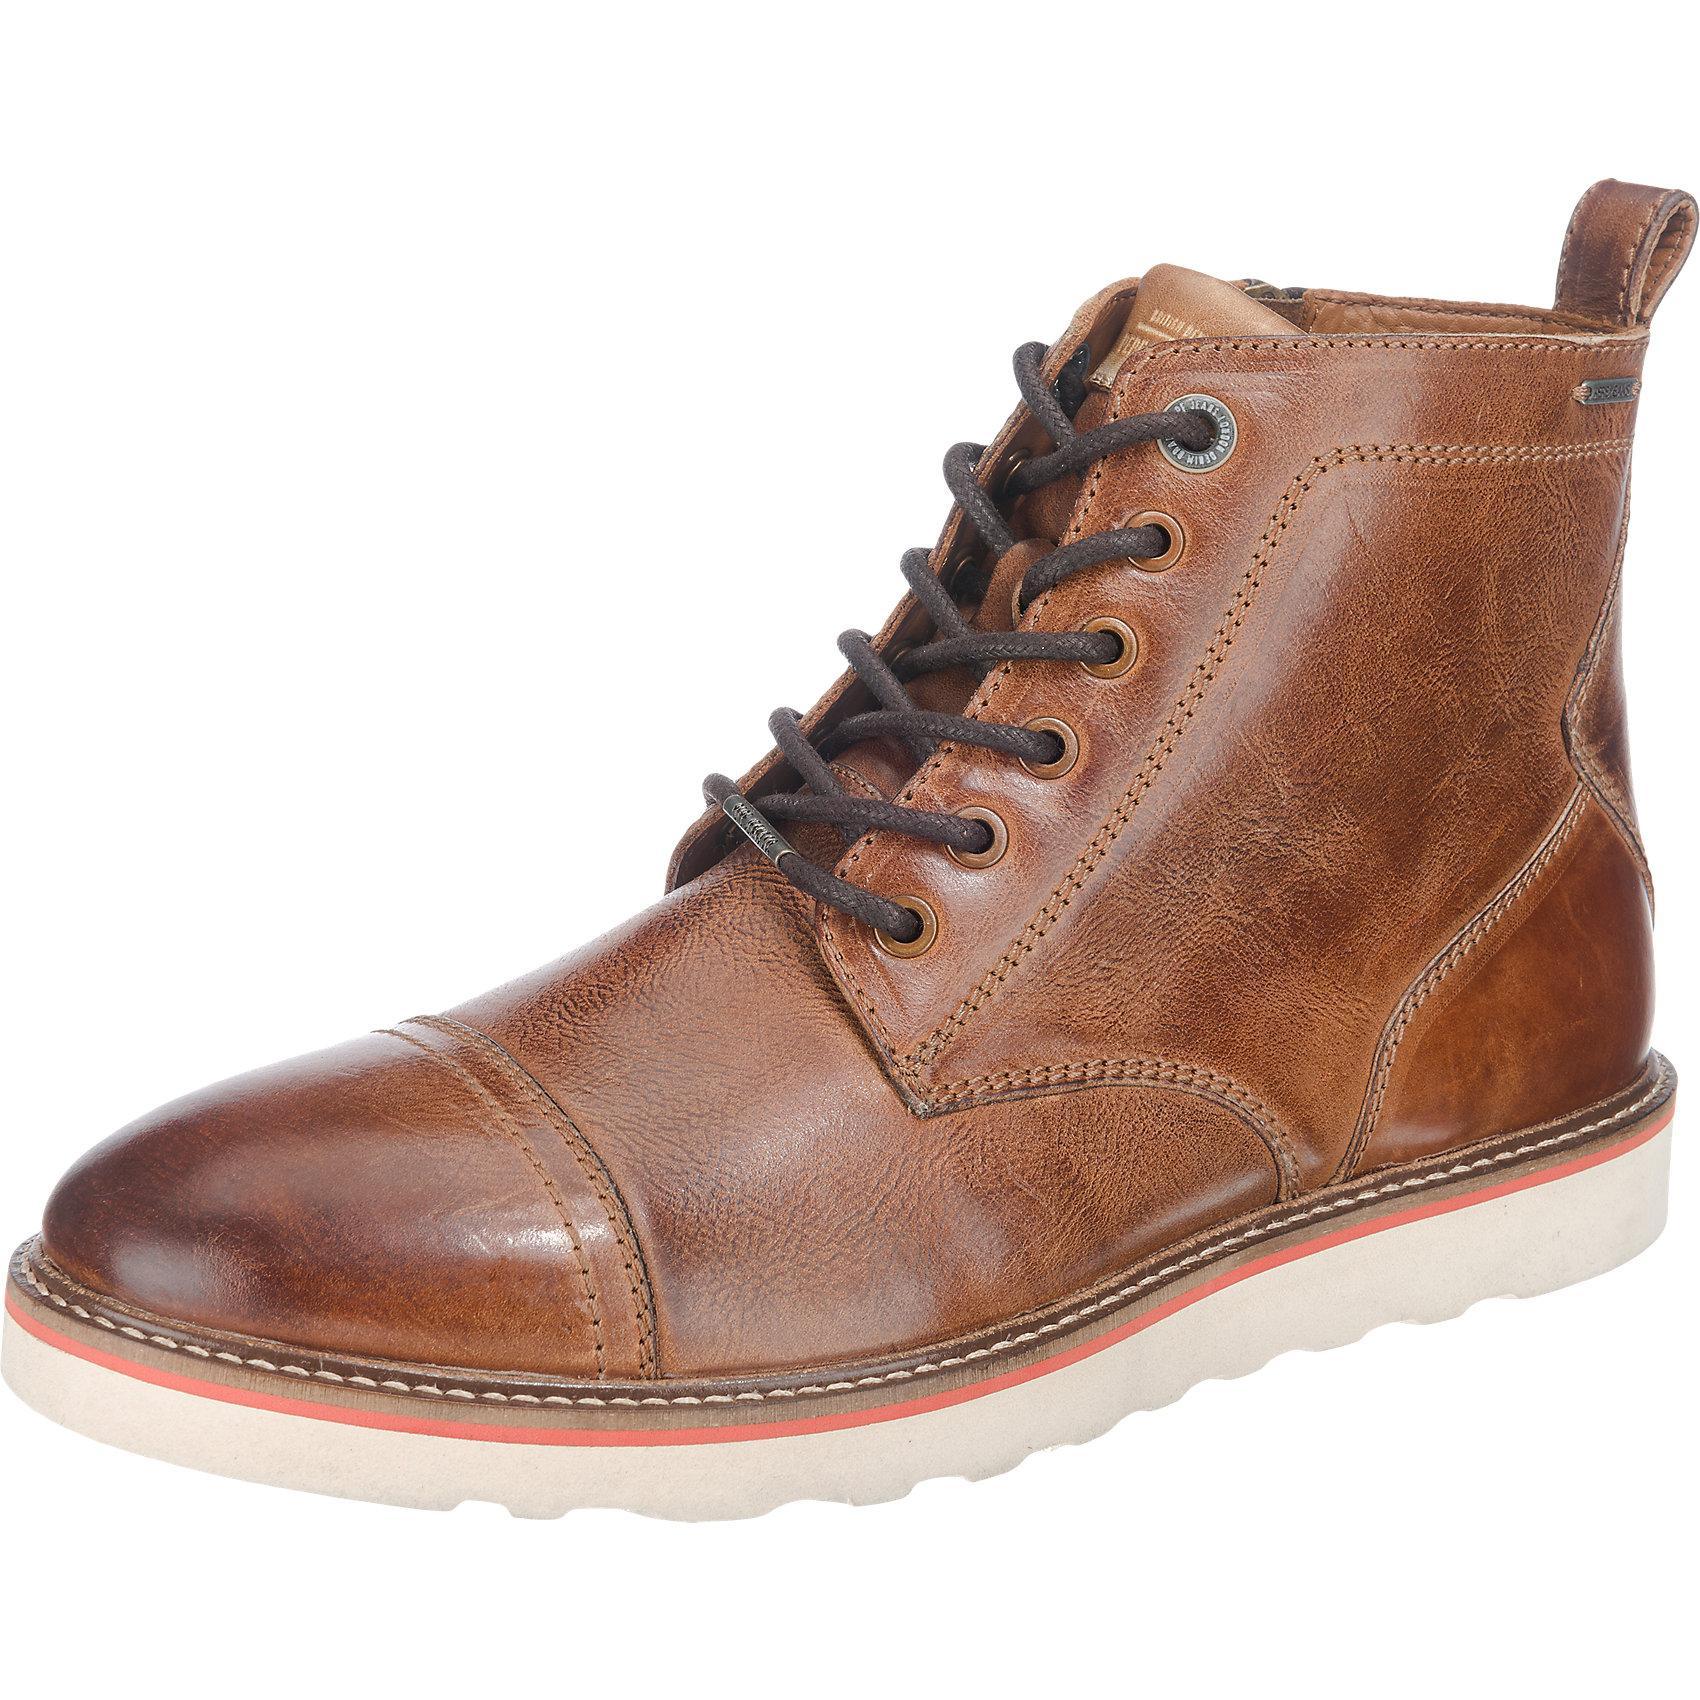 Neu Pepe Jeans Barley Boot Tumble Stiefel & Stiefeletten 5777537 für Herren